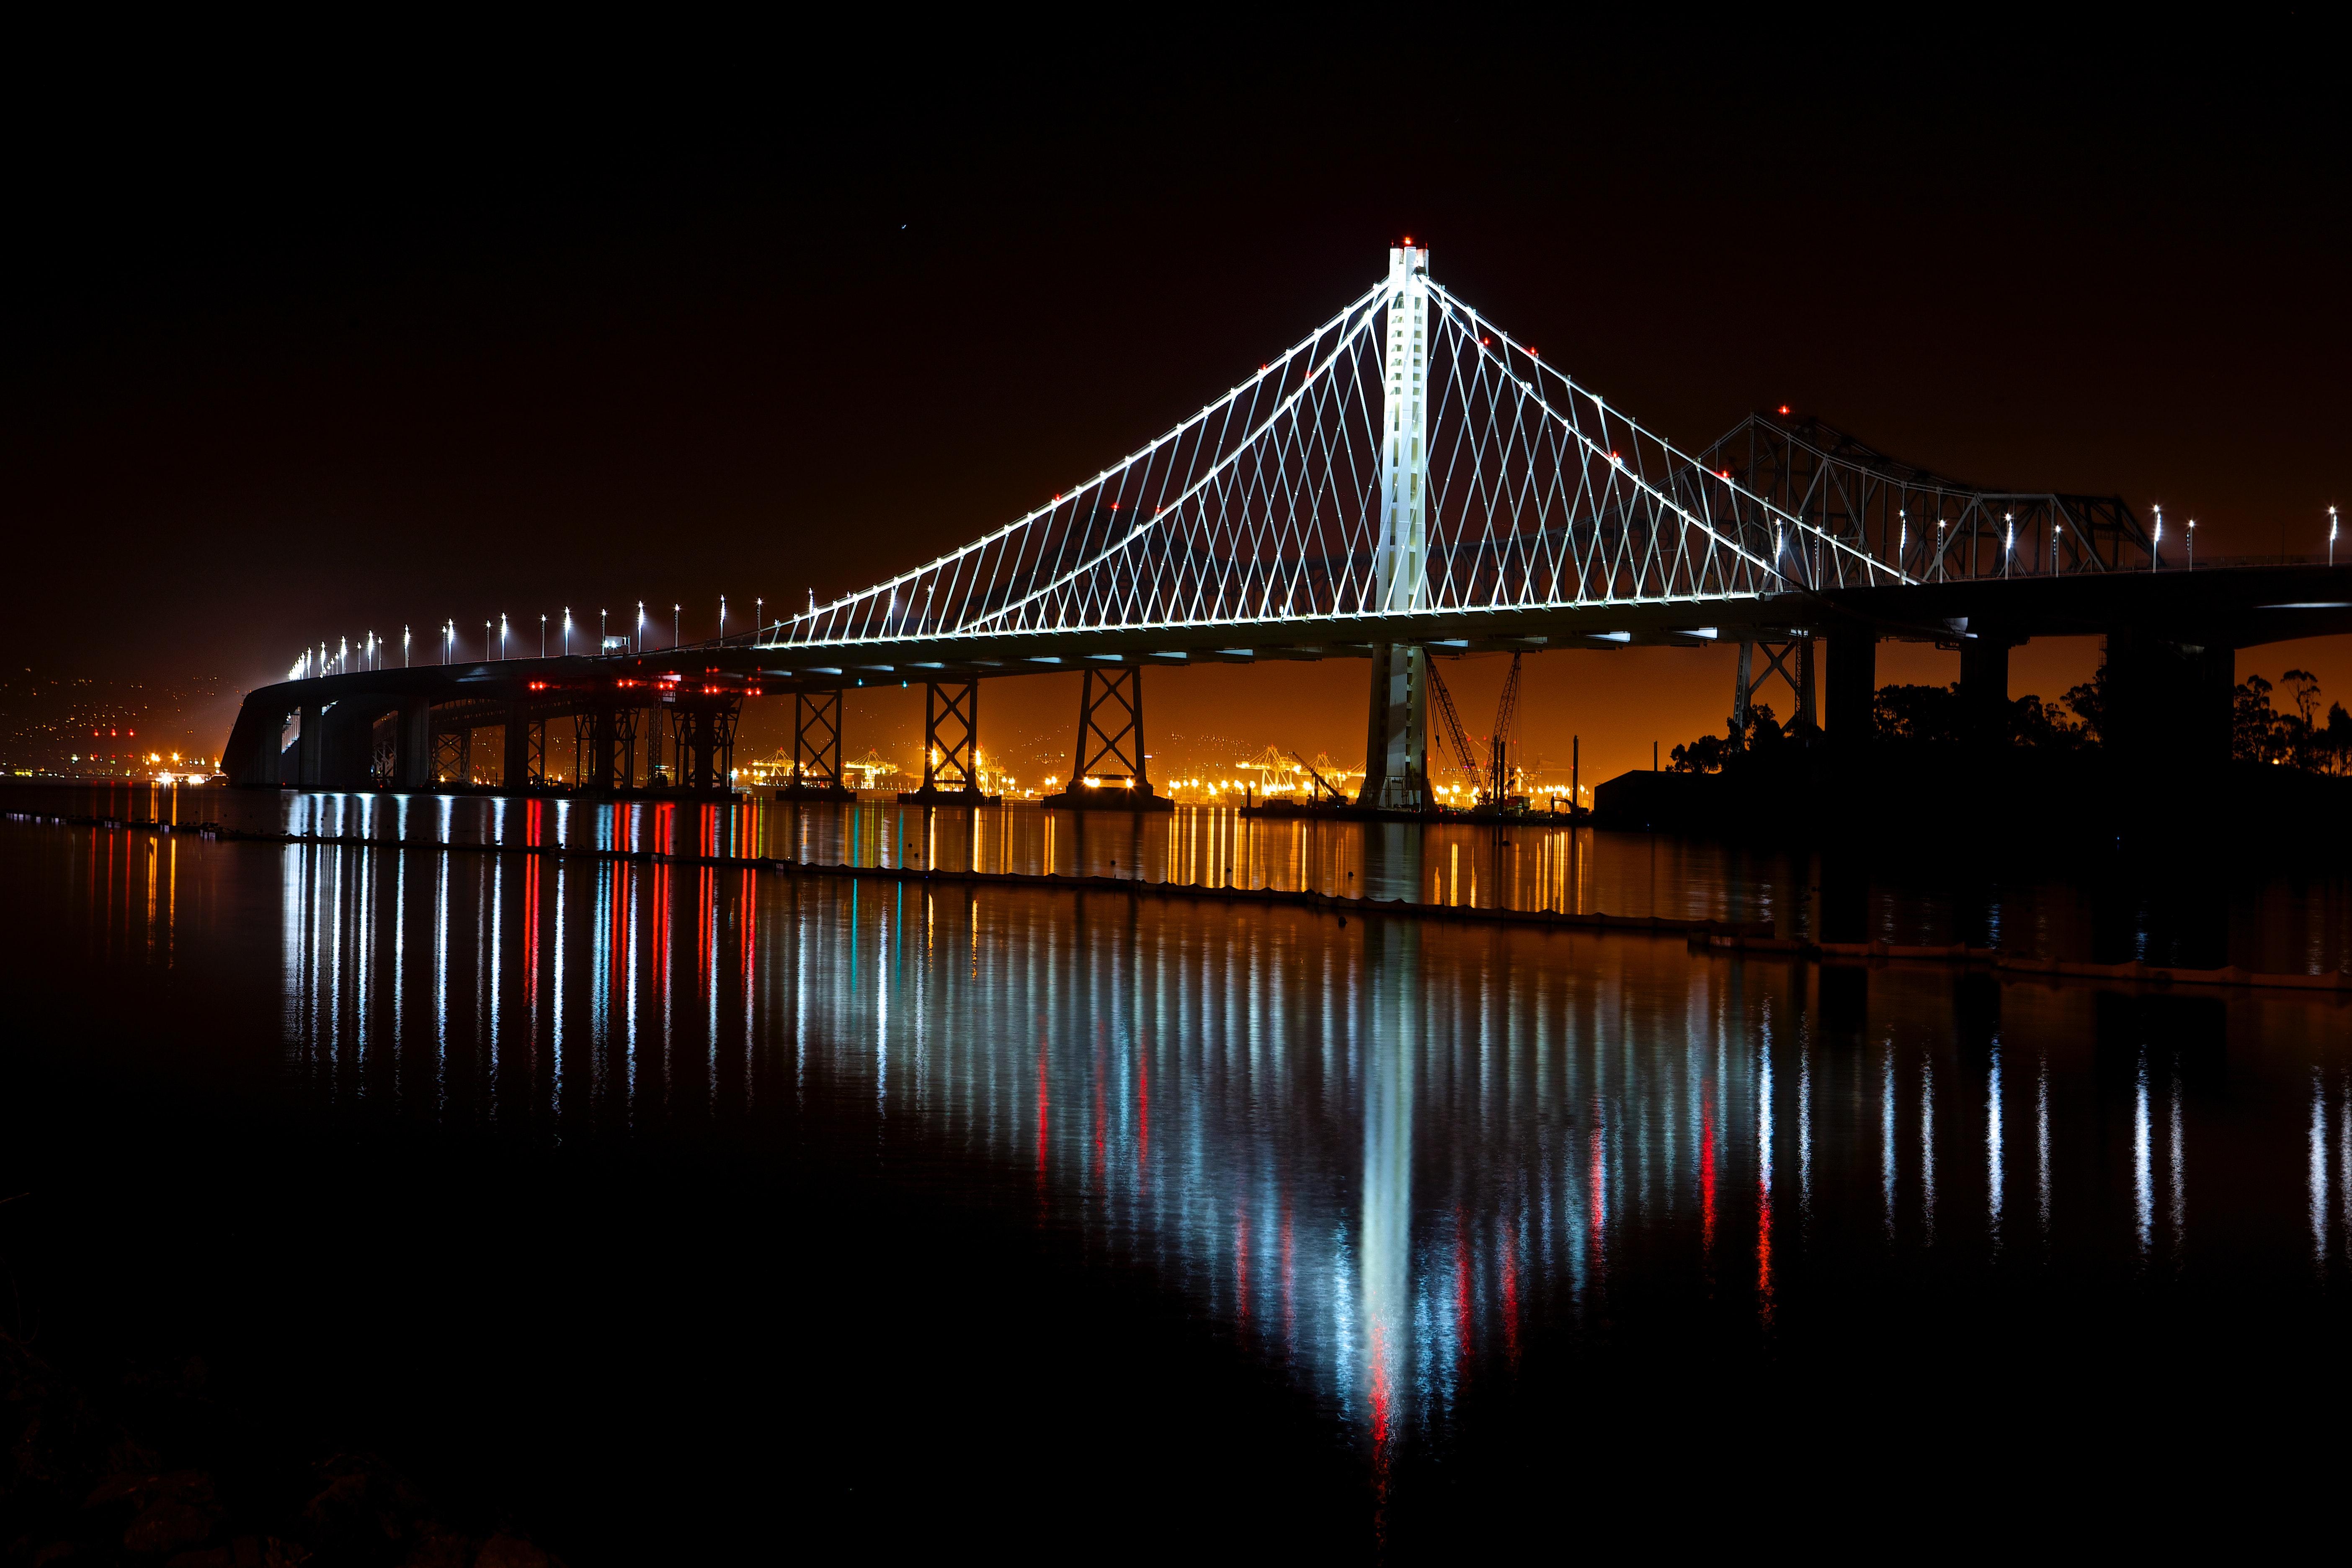 Illuminated suspension bridge against sky at night photo